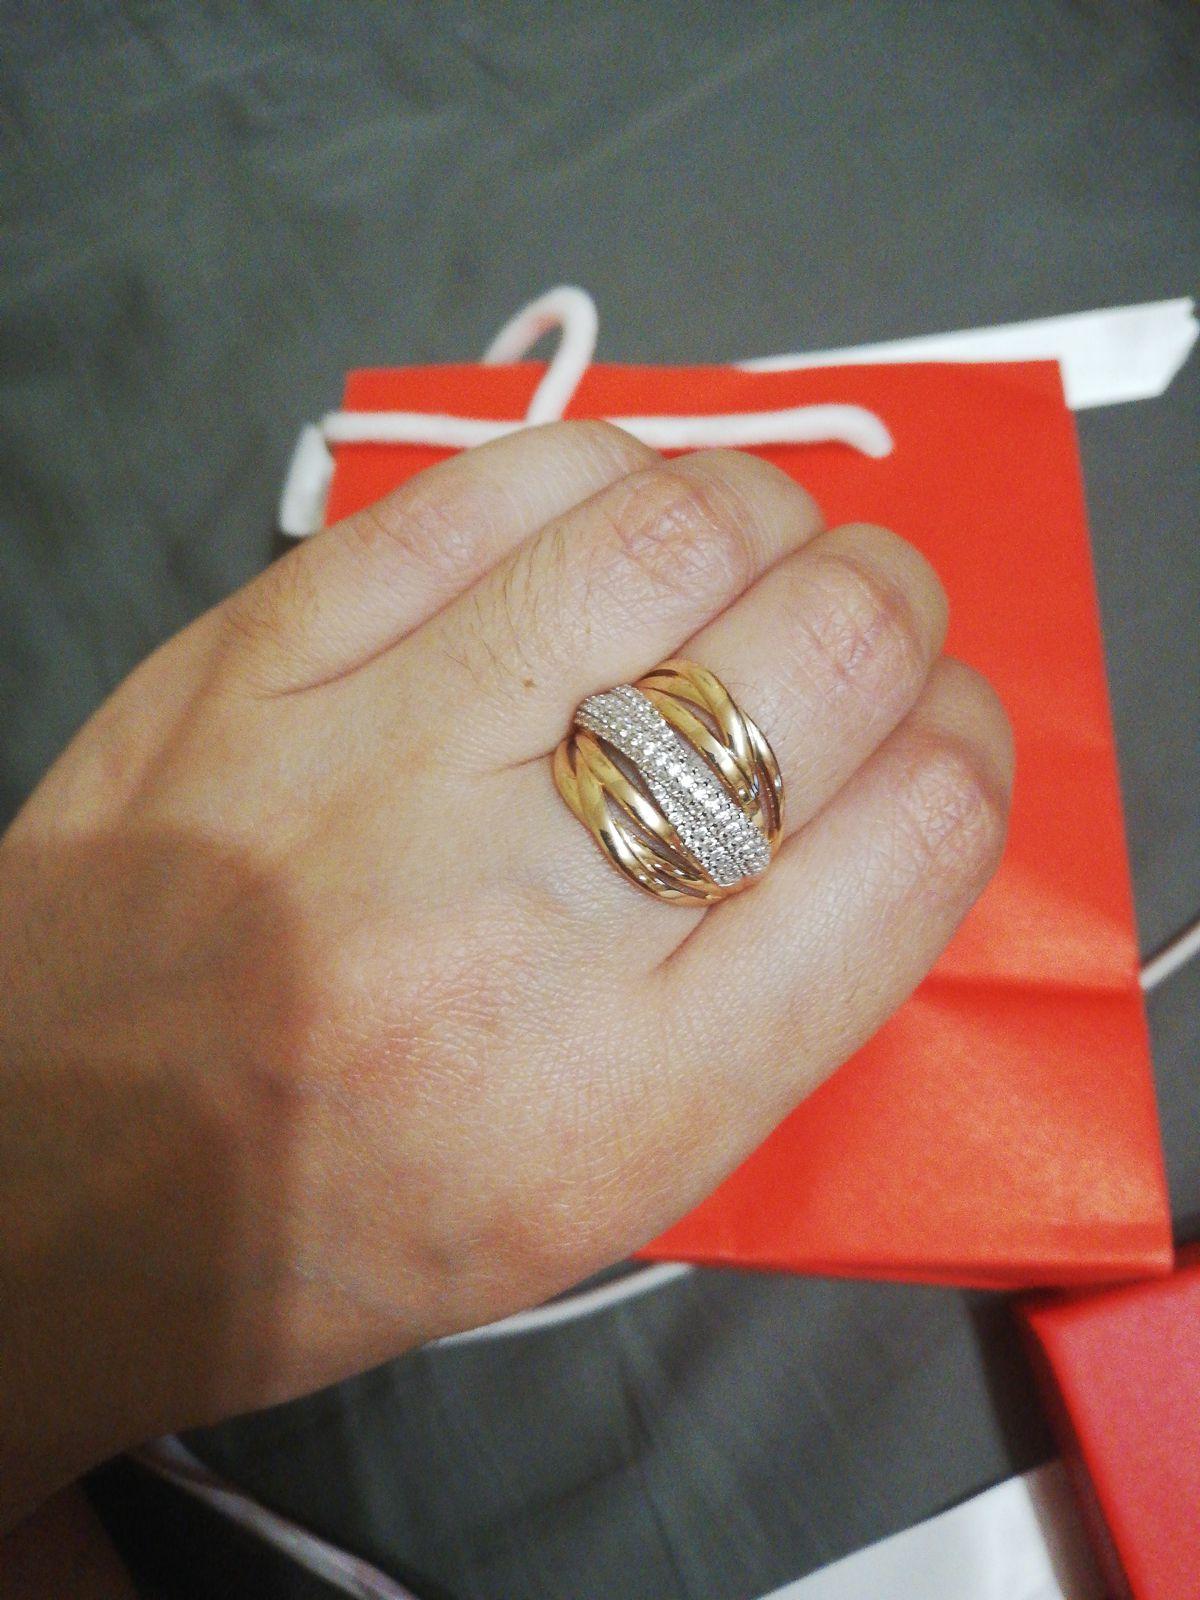 Купила себе кольцо в 8 марте очень довольна